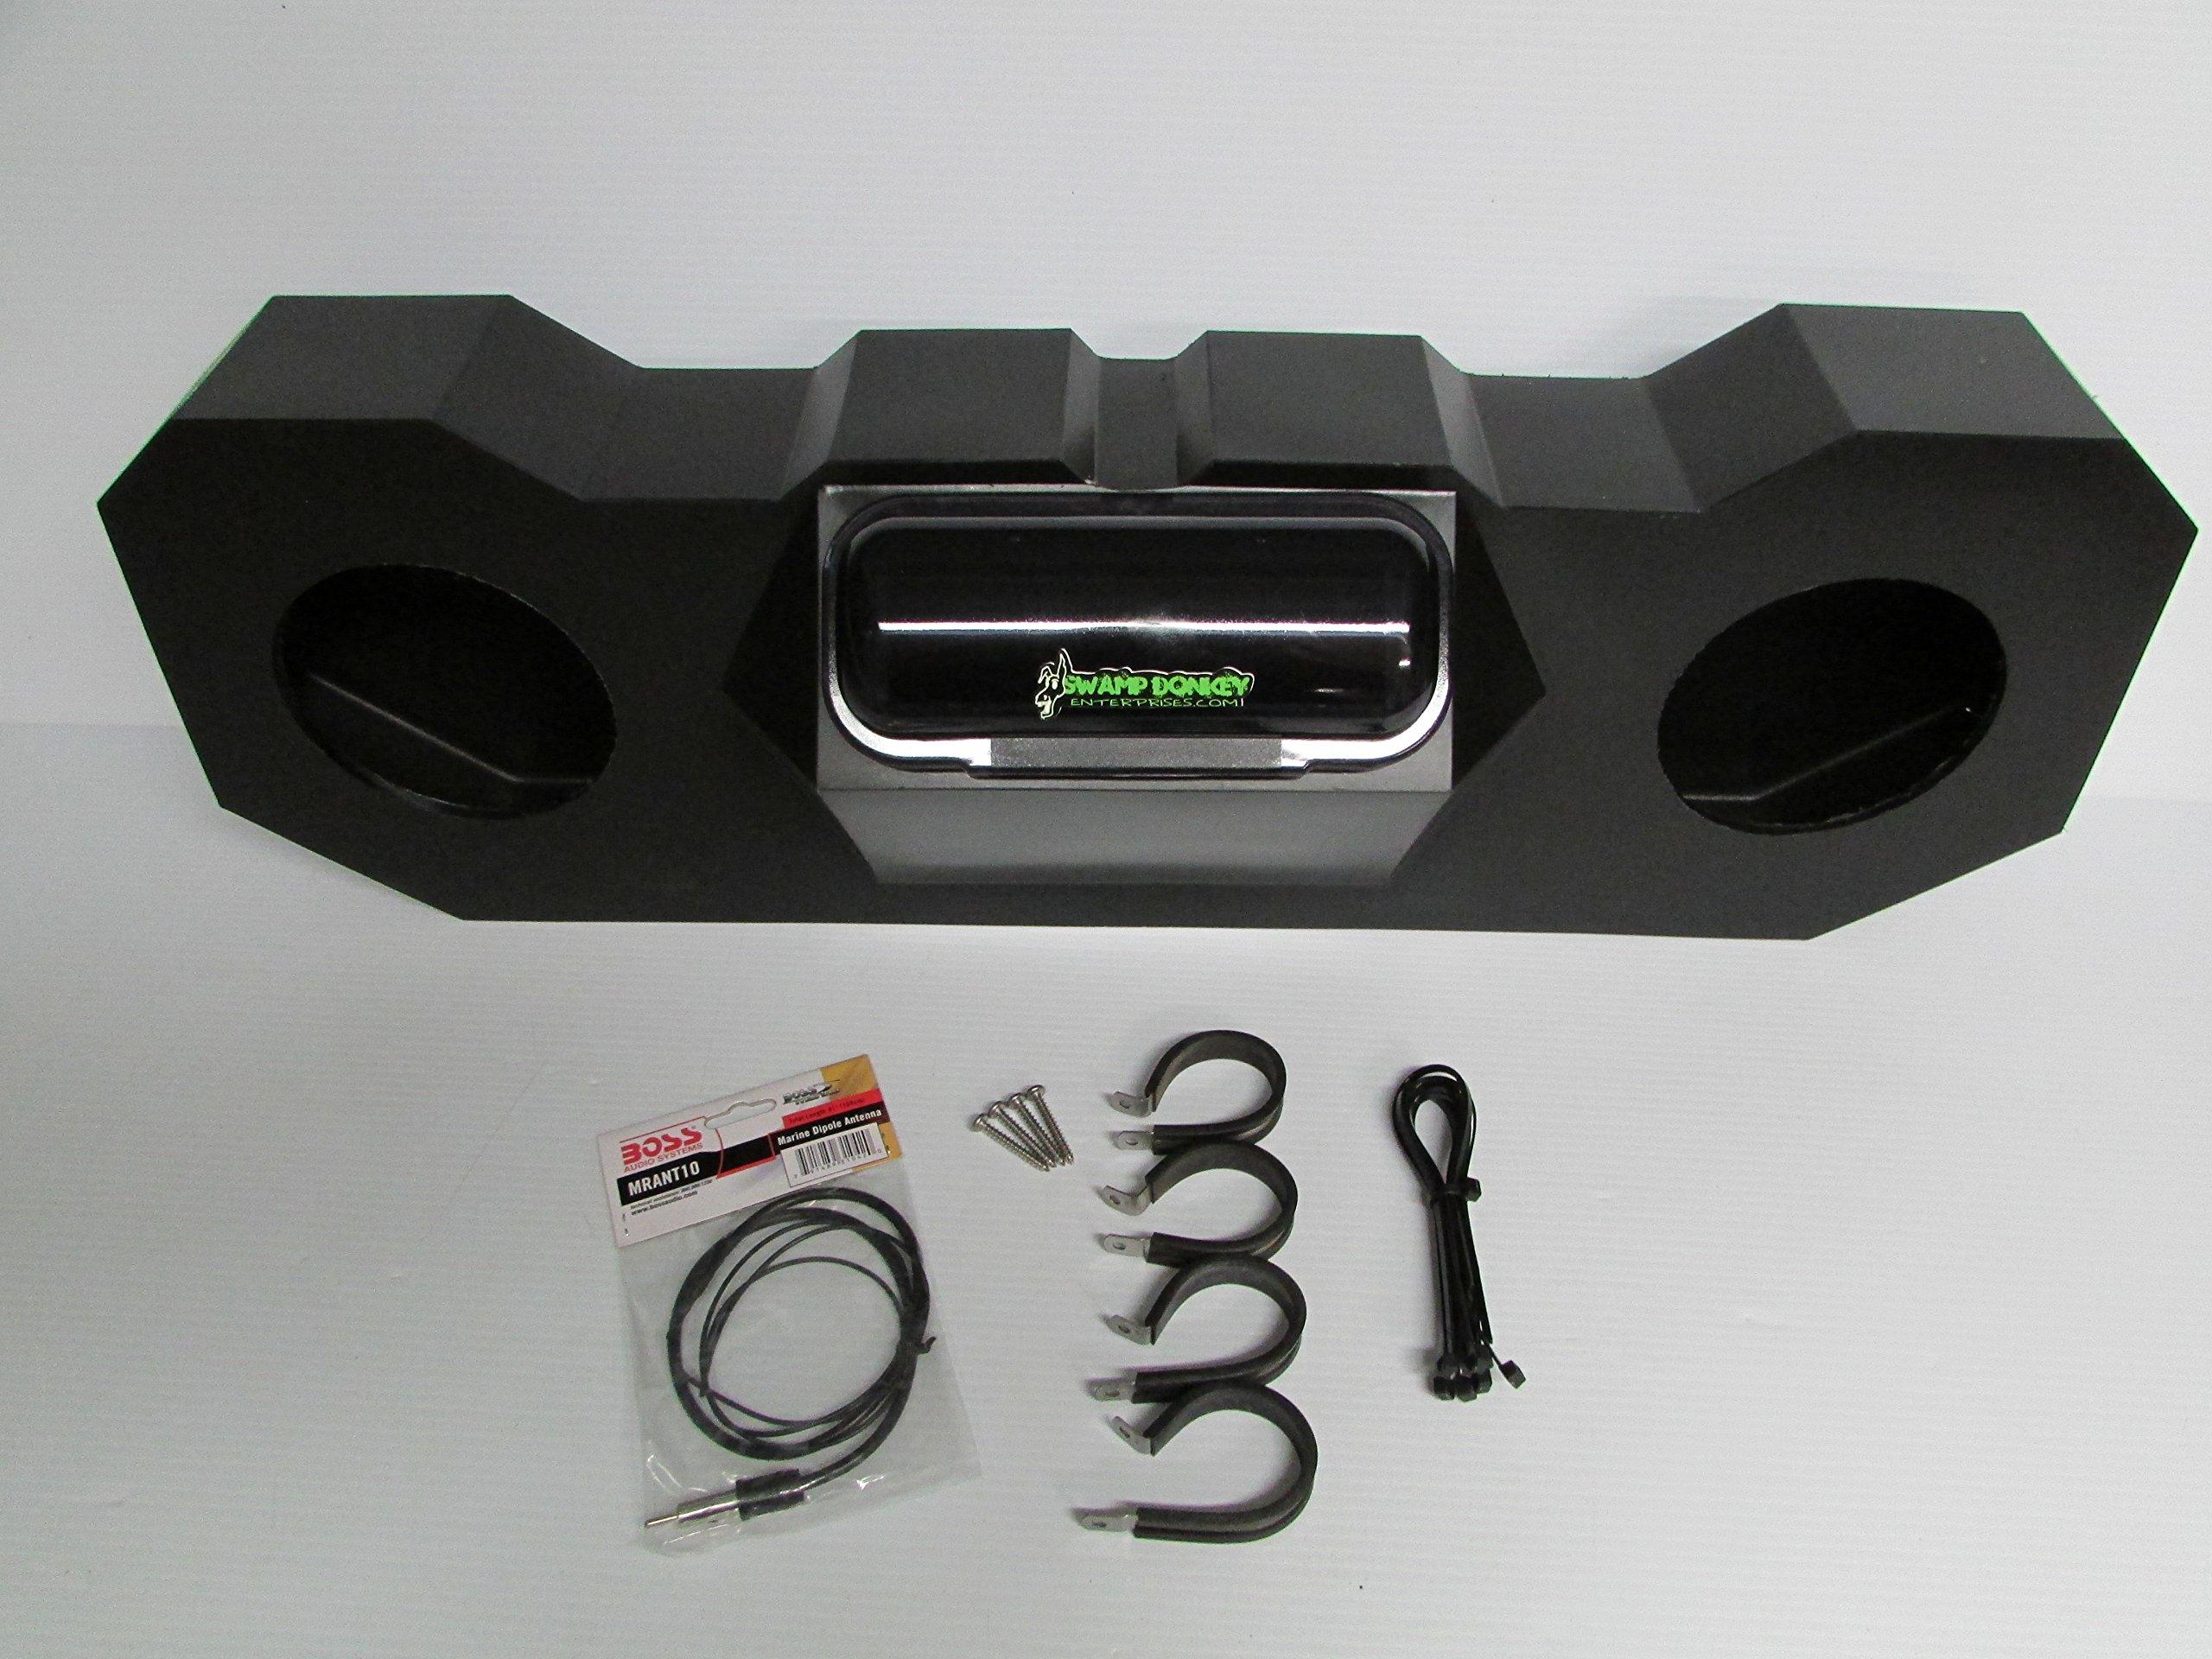 SD 1K24E -Polaris RZR Stereo System Box Empty UTV Side by Side